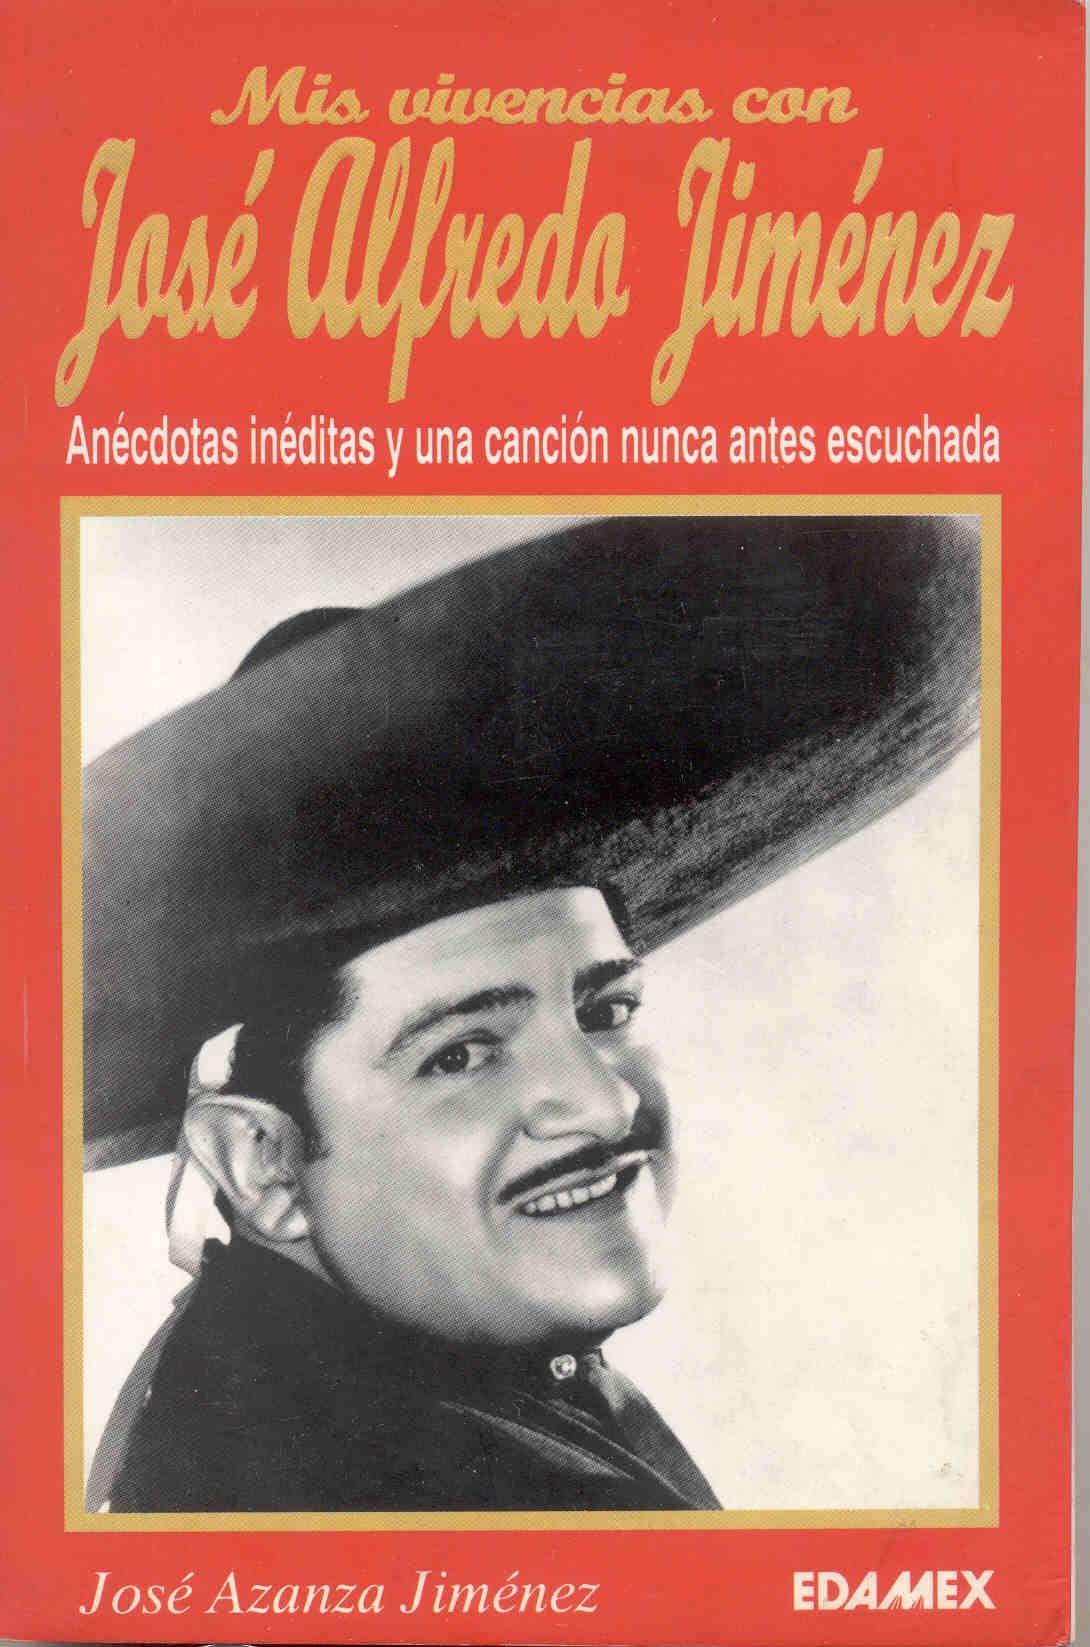 MIS Vivencias Con Jose Alfredo Jimenez: Anecdotas Desconocidas, La Verdadera Historia de Sus Canciones, Una Fiel Aproximacion Al Genial Compositor (Serie ...